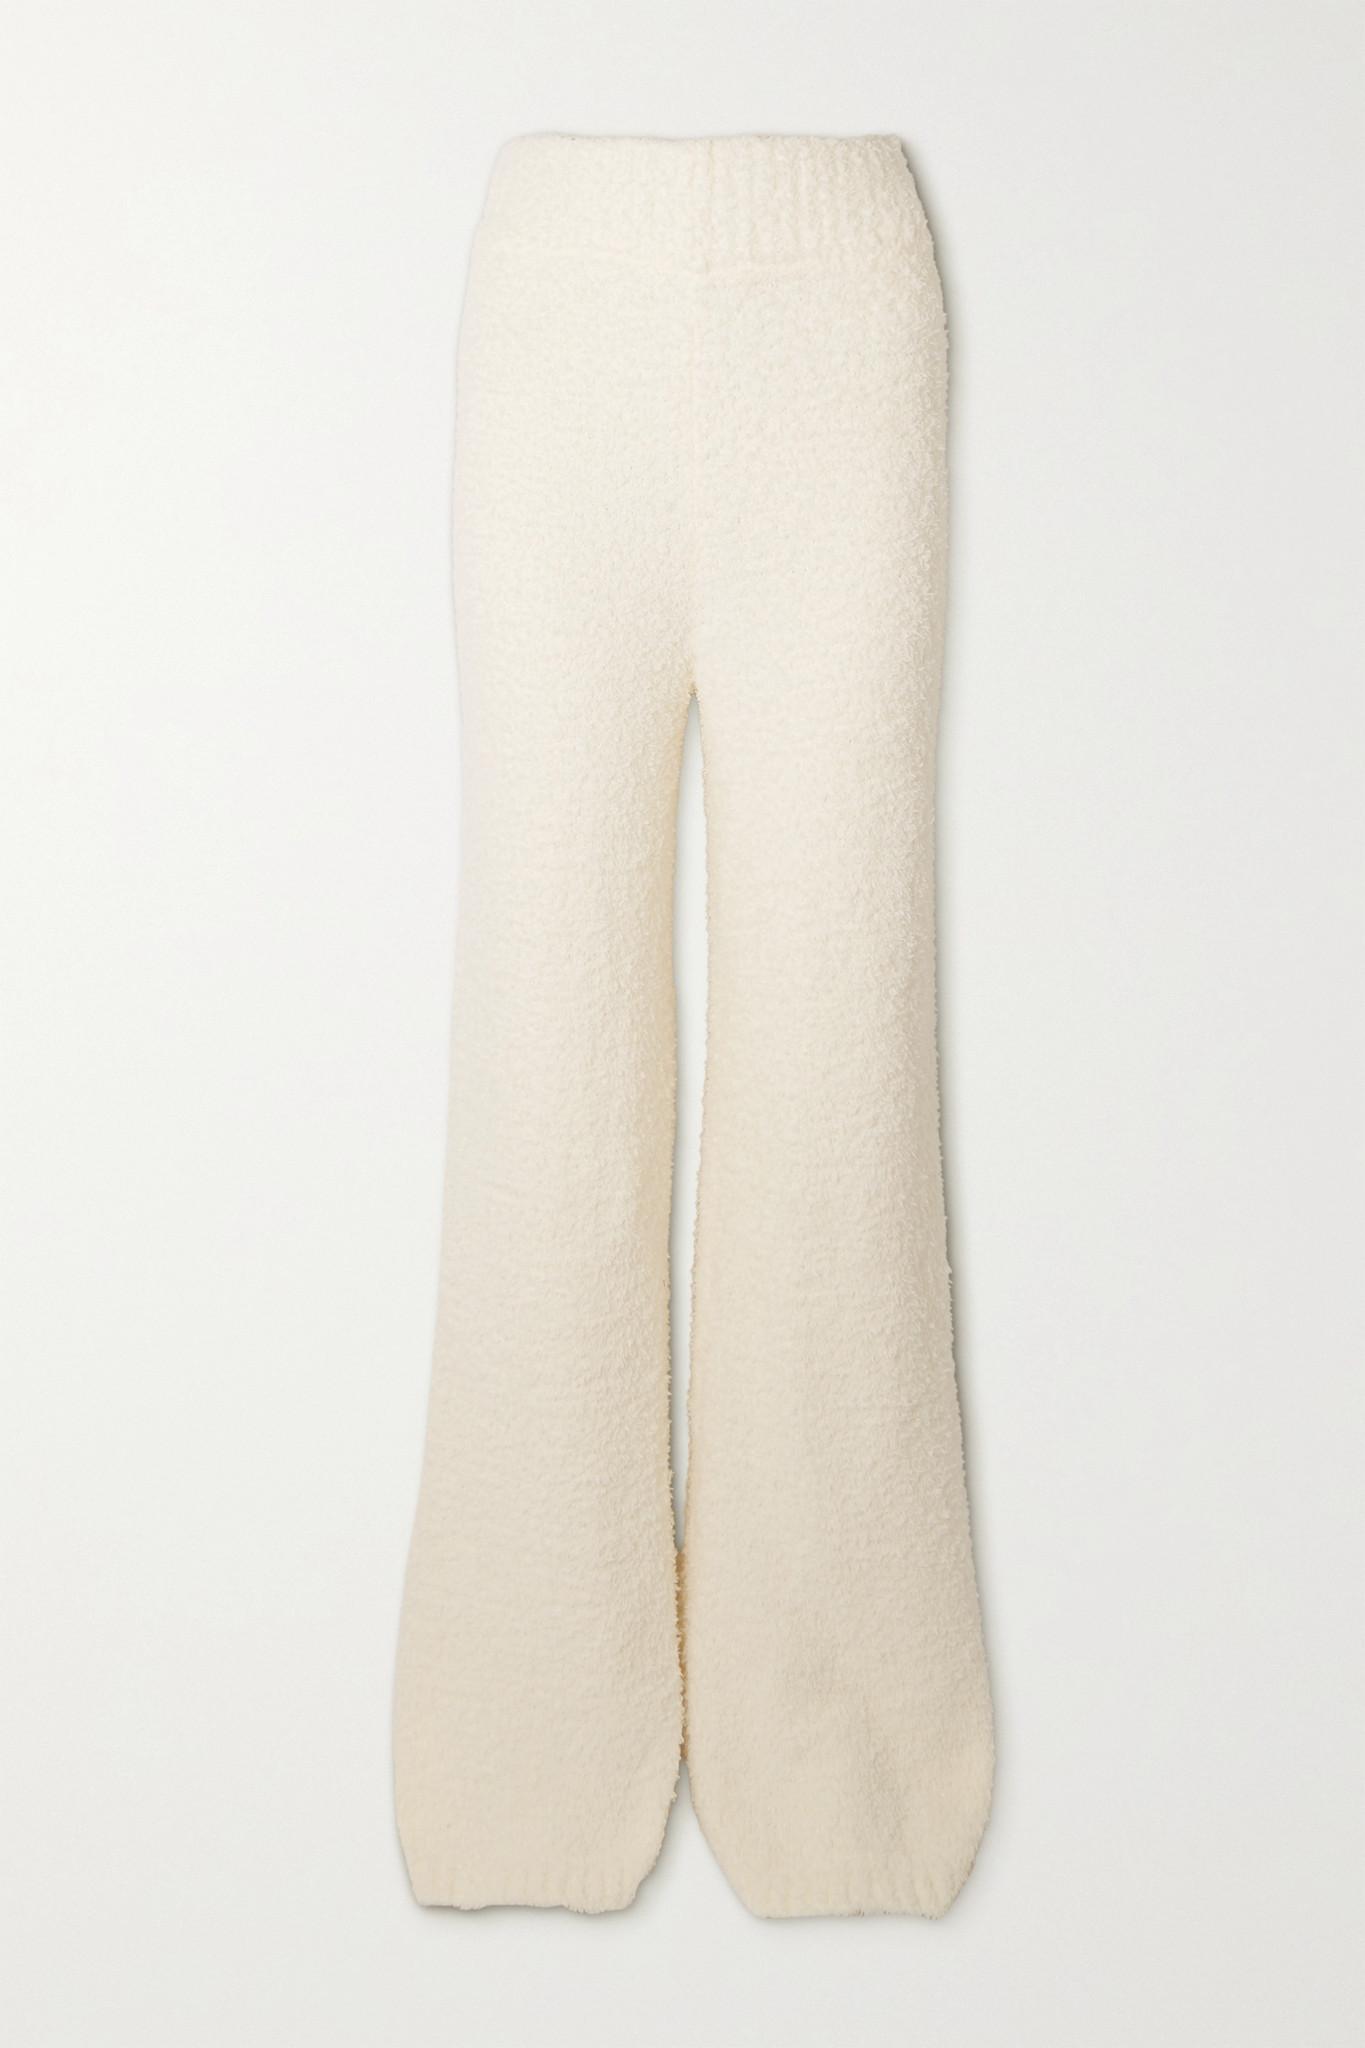 SKIMS - Cozy Knit Bouclé Pants - Bone - White - L/XL